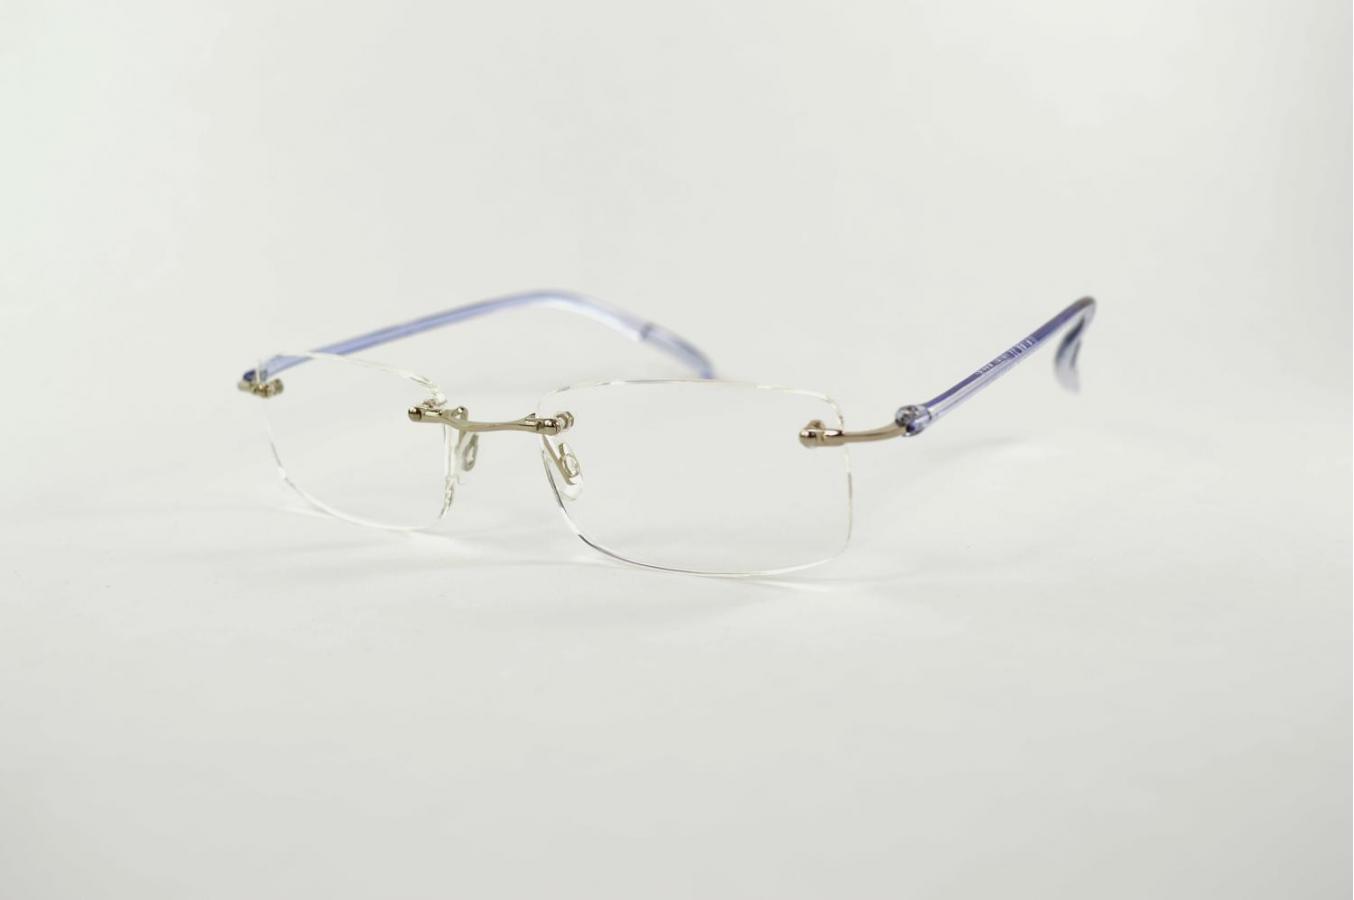 1 lunettes de protection de travail lunettes de s/écurit/é /à usage g/én/éral pour le bricolage et le travail Lunettes de s/écurit/é transparentes lunettes de s/écurit/é haute transparence